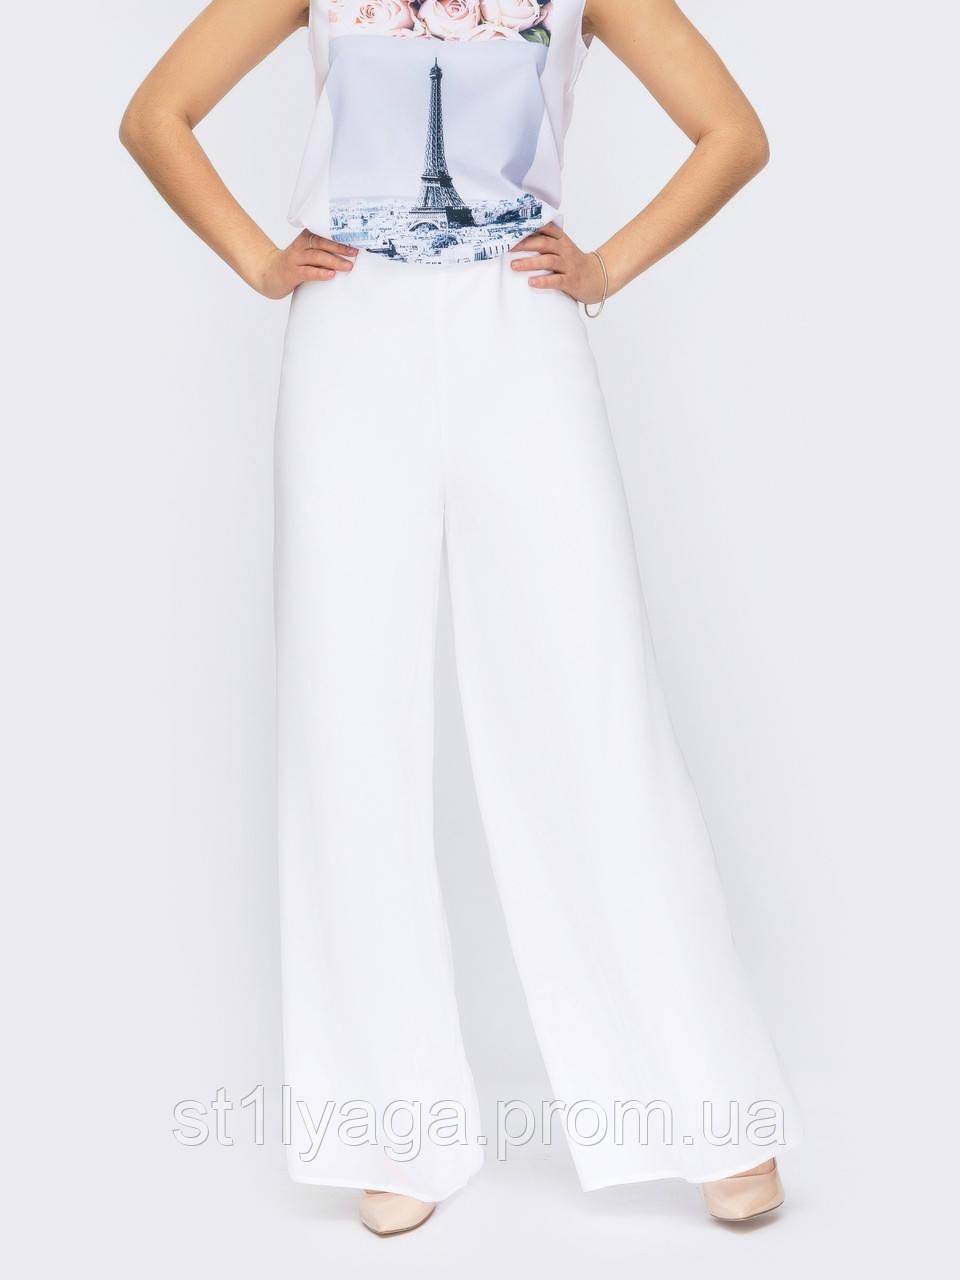 Белые брюки-палаццо с высокой талией ЛЕТО